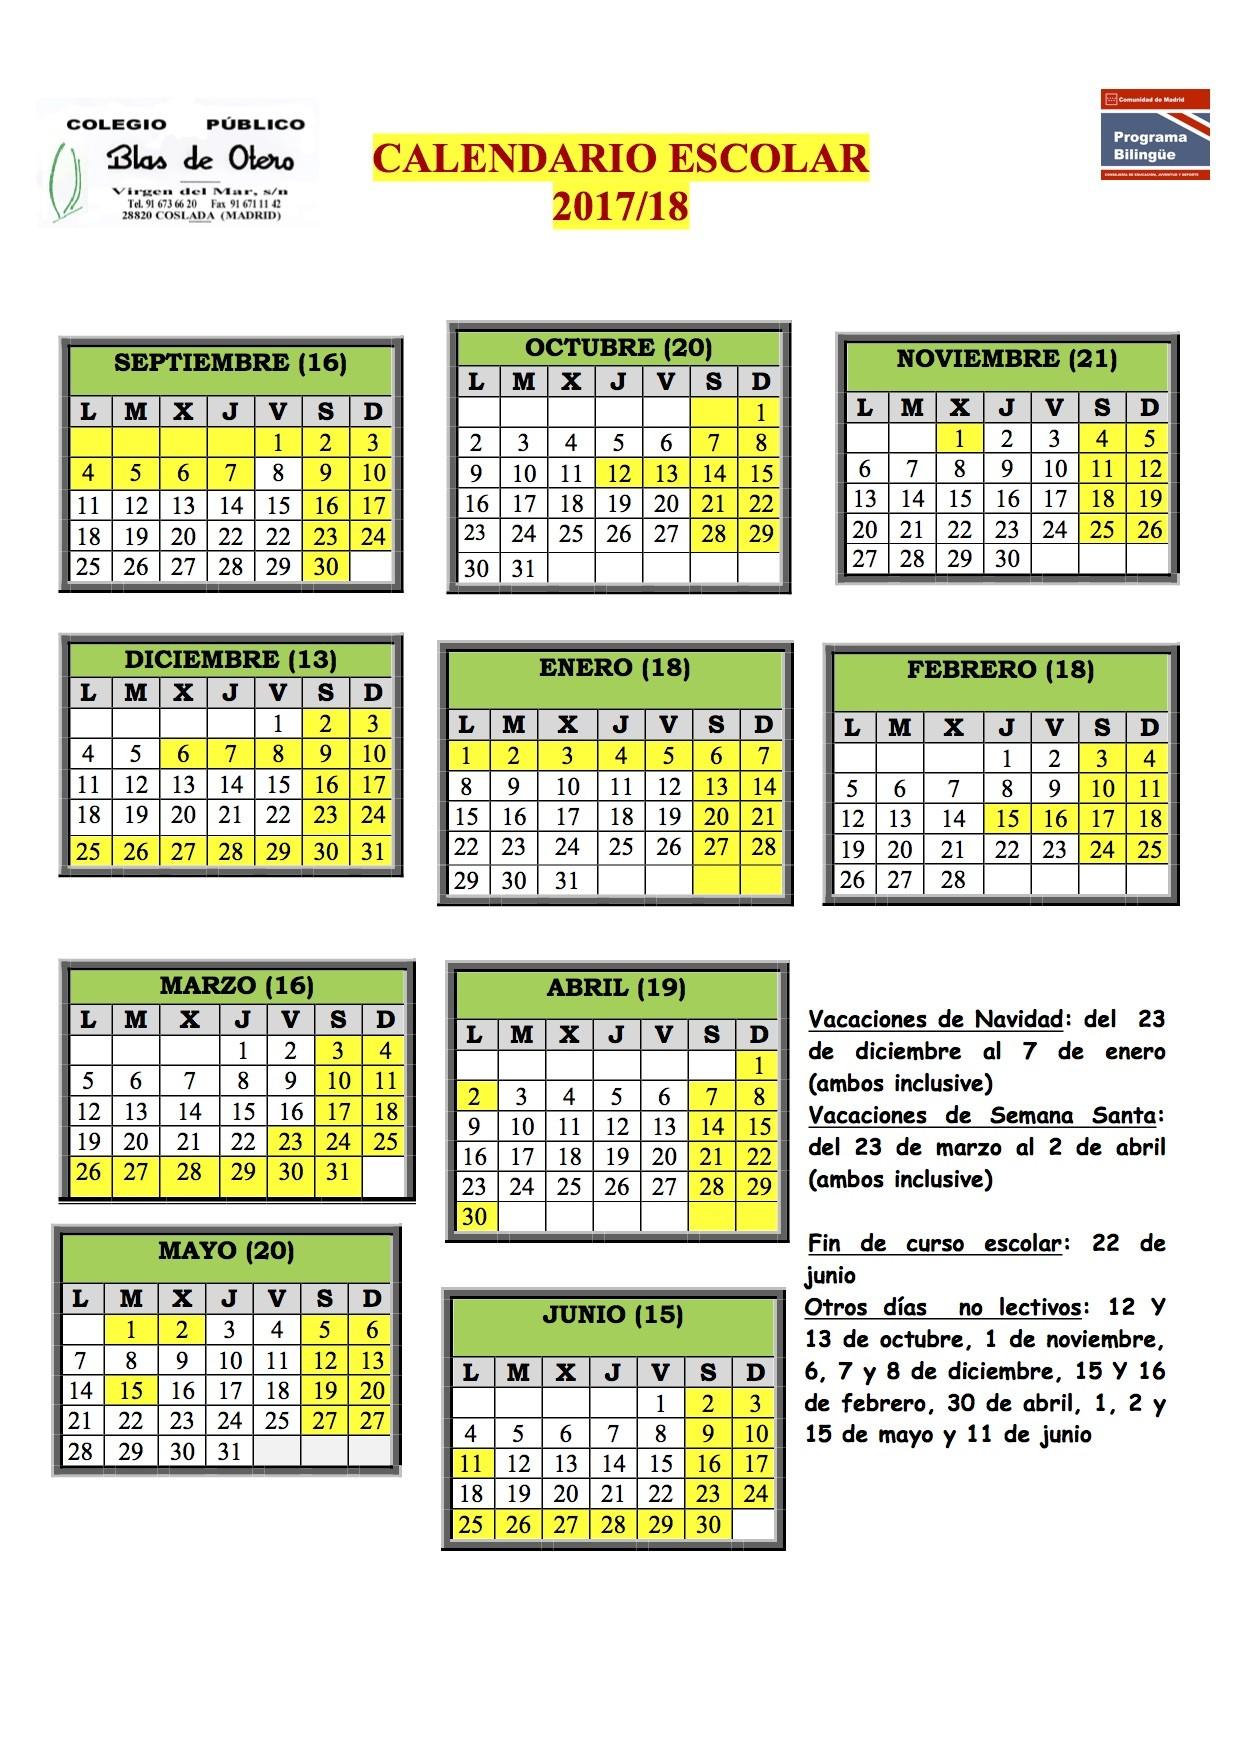 Calendario Semana Santa 2019 Madrid Más Actual Calendario Escolar 2017 2018 – Cp Blas De Otero Of Calendario Semana Santa 2019 Madrid Actual Boe Documento Consolidado Boe A 2018 9268